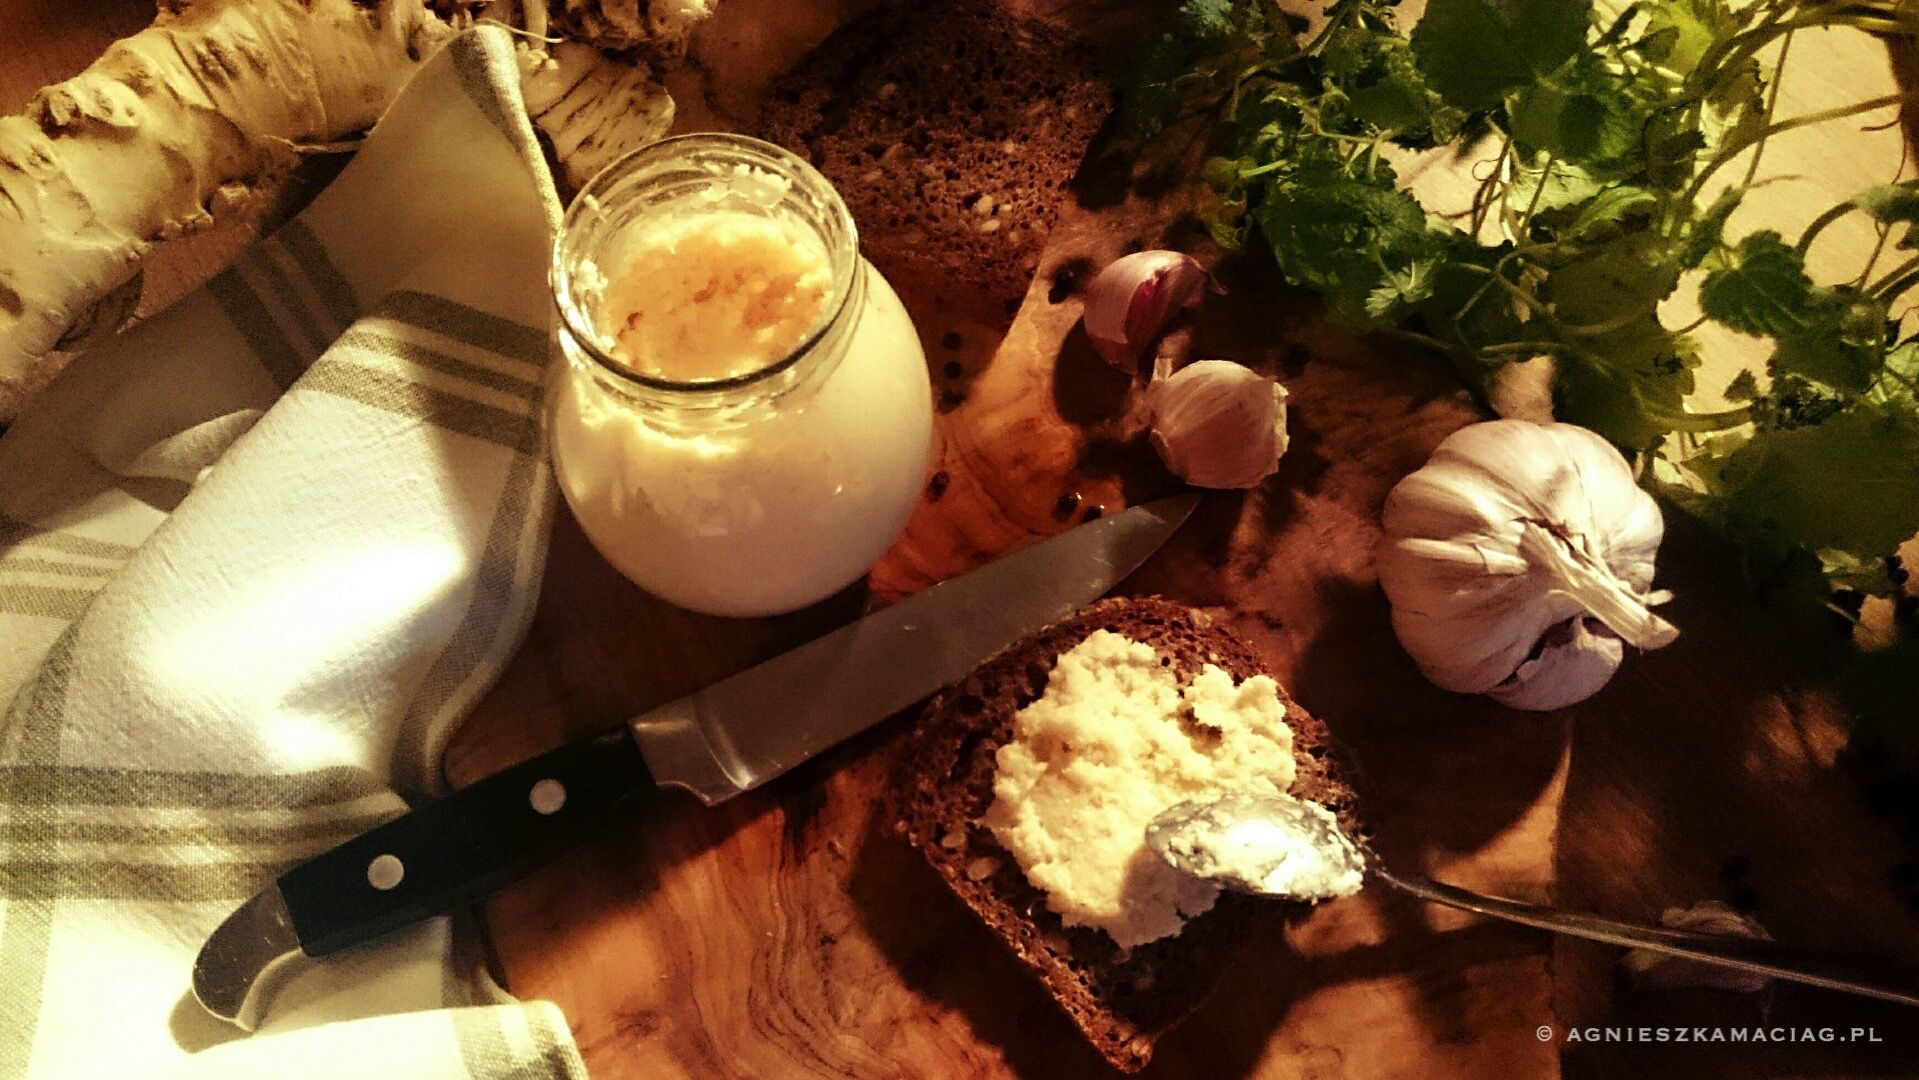 Chrzan Domowy Syrop Chrzanowy I Inne Zastosowania Chrzanu W Kuchni I W Lazience Polish Recipes Glass Of Milk Food